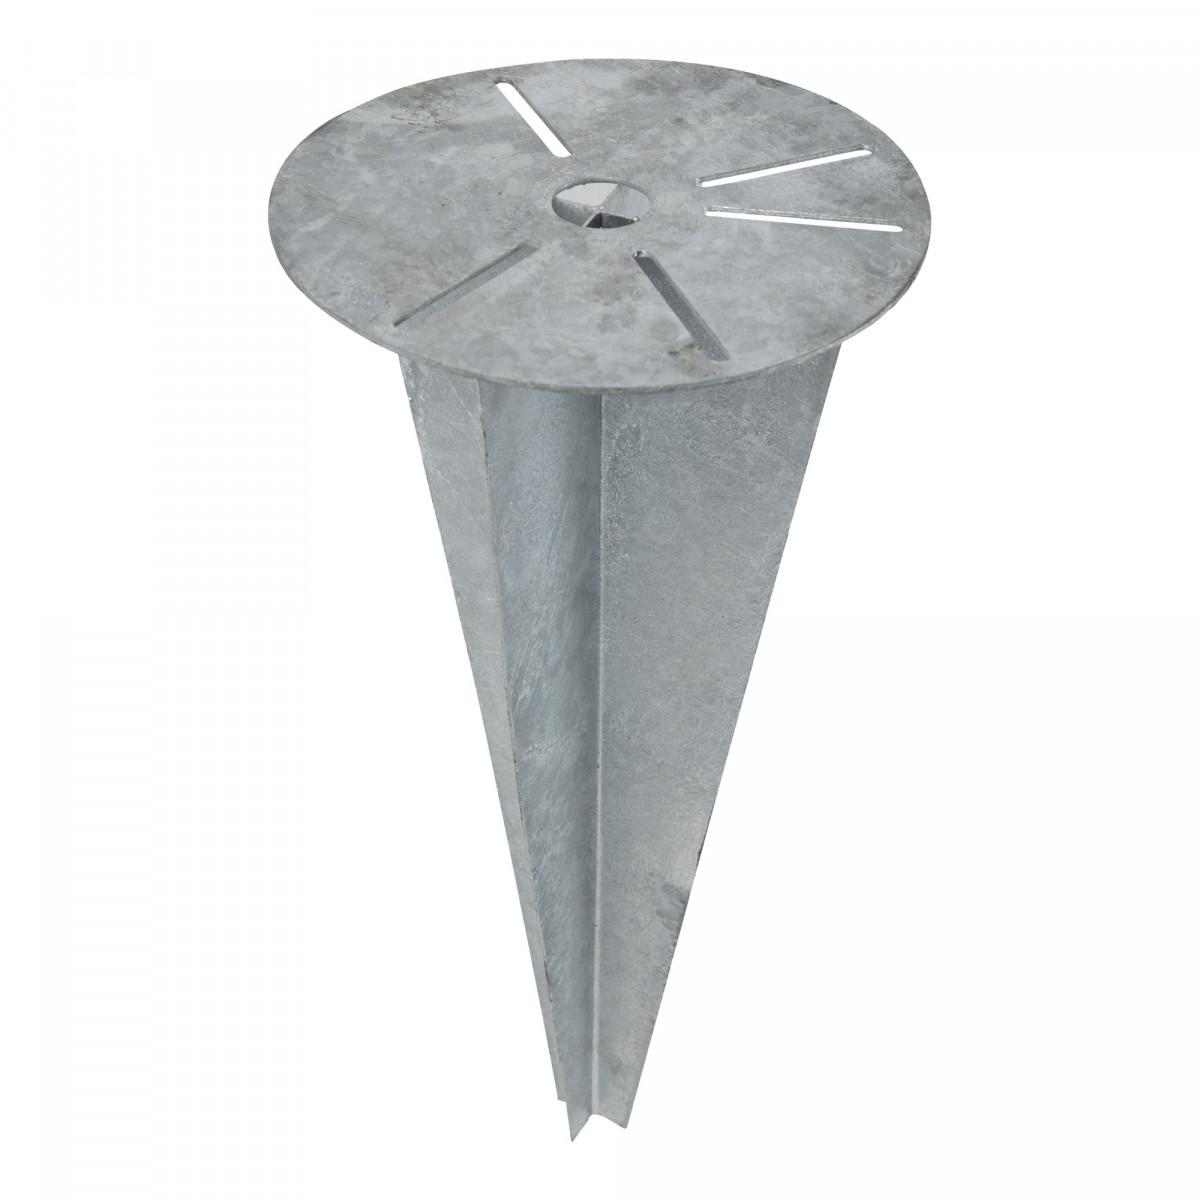 grondspie gepantserde geheel verzinkte verankeringspaal met een ronde plaat is Ø21cm en de grondspie gaat 50cm diep